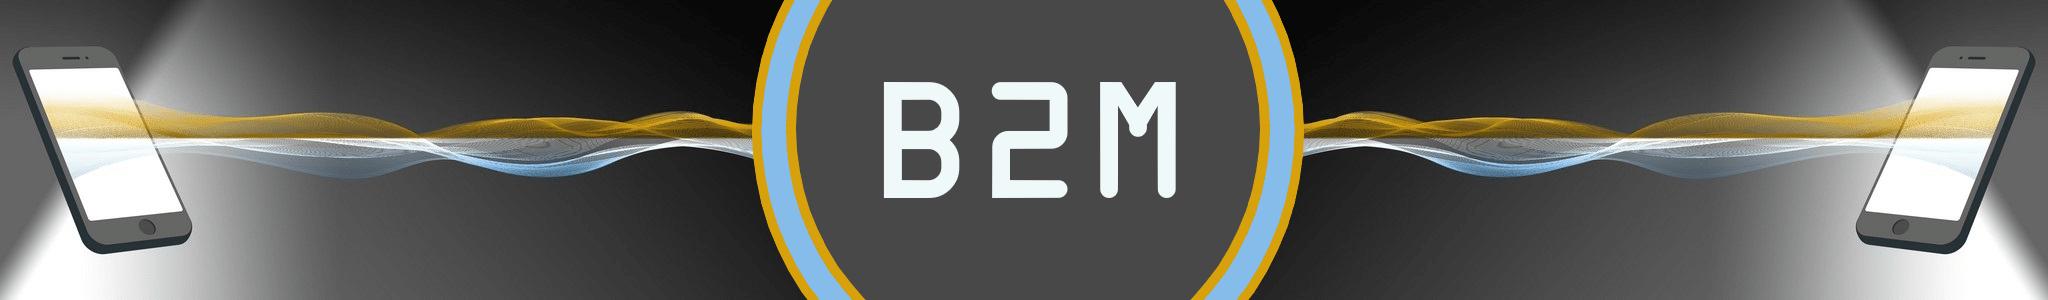 business to machine